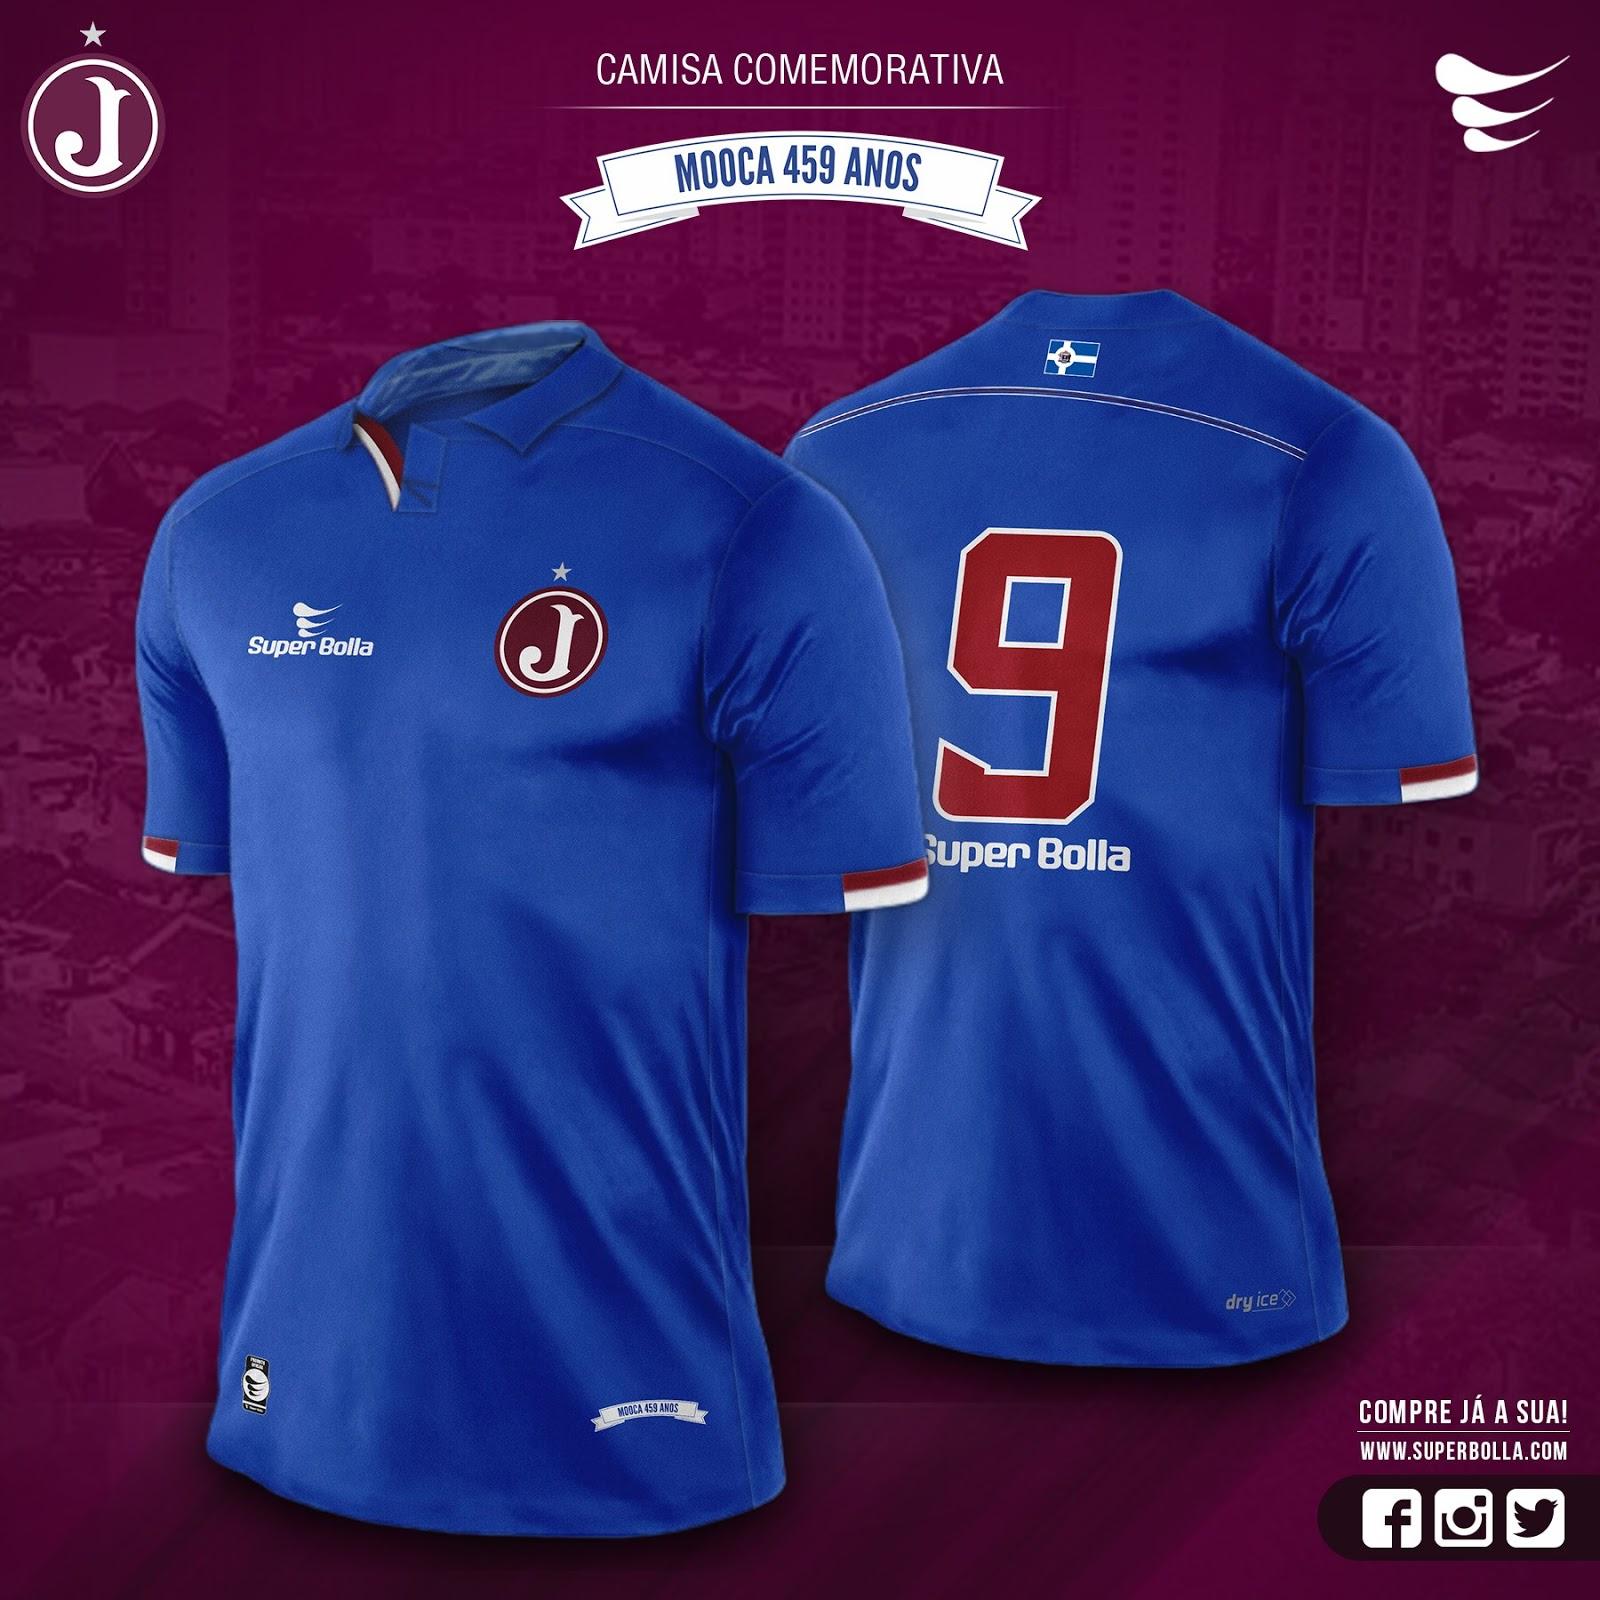 Manto Juventino - As camisas do Clube Atlético Juventus  Julho 2015 50c70053dfc35